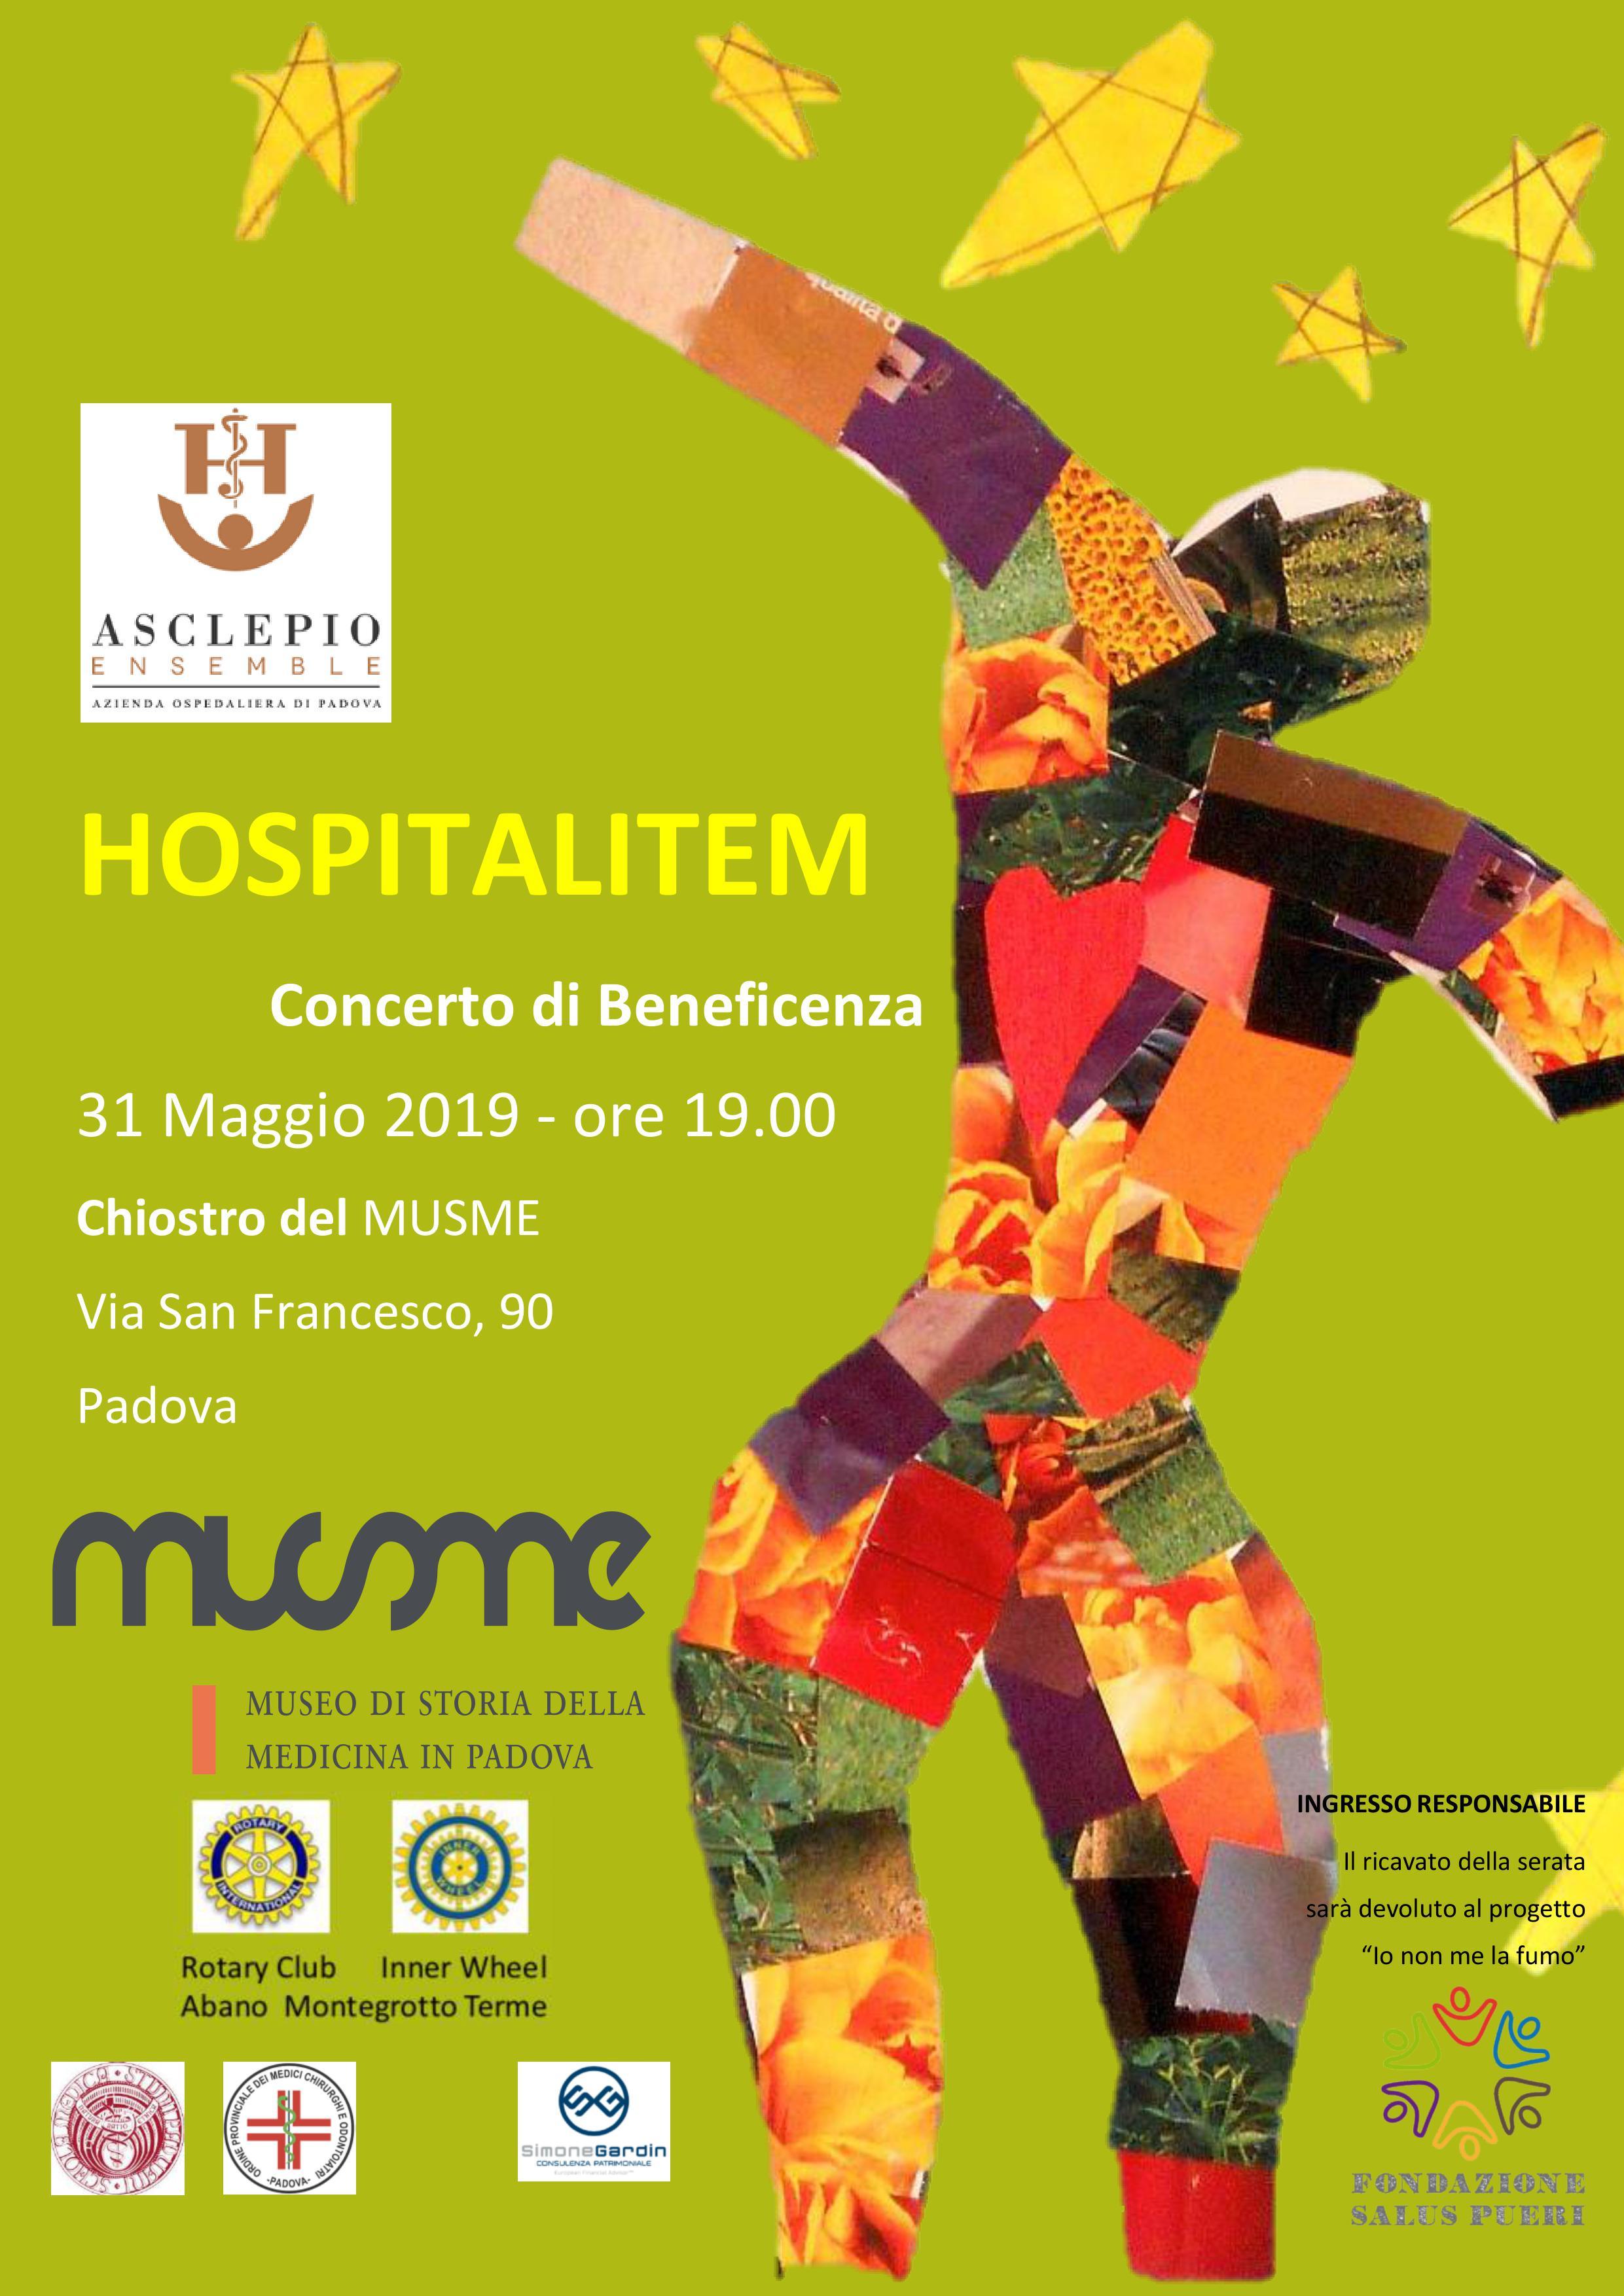 HOSPITALITEM, il concerto di beneficenza